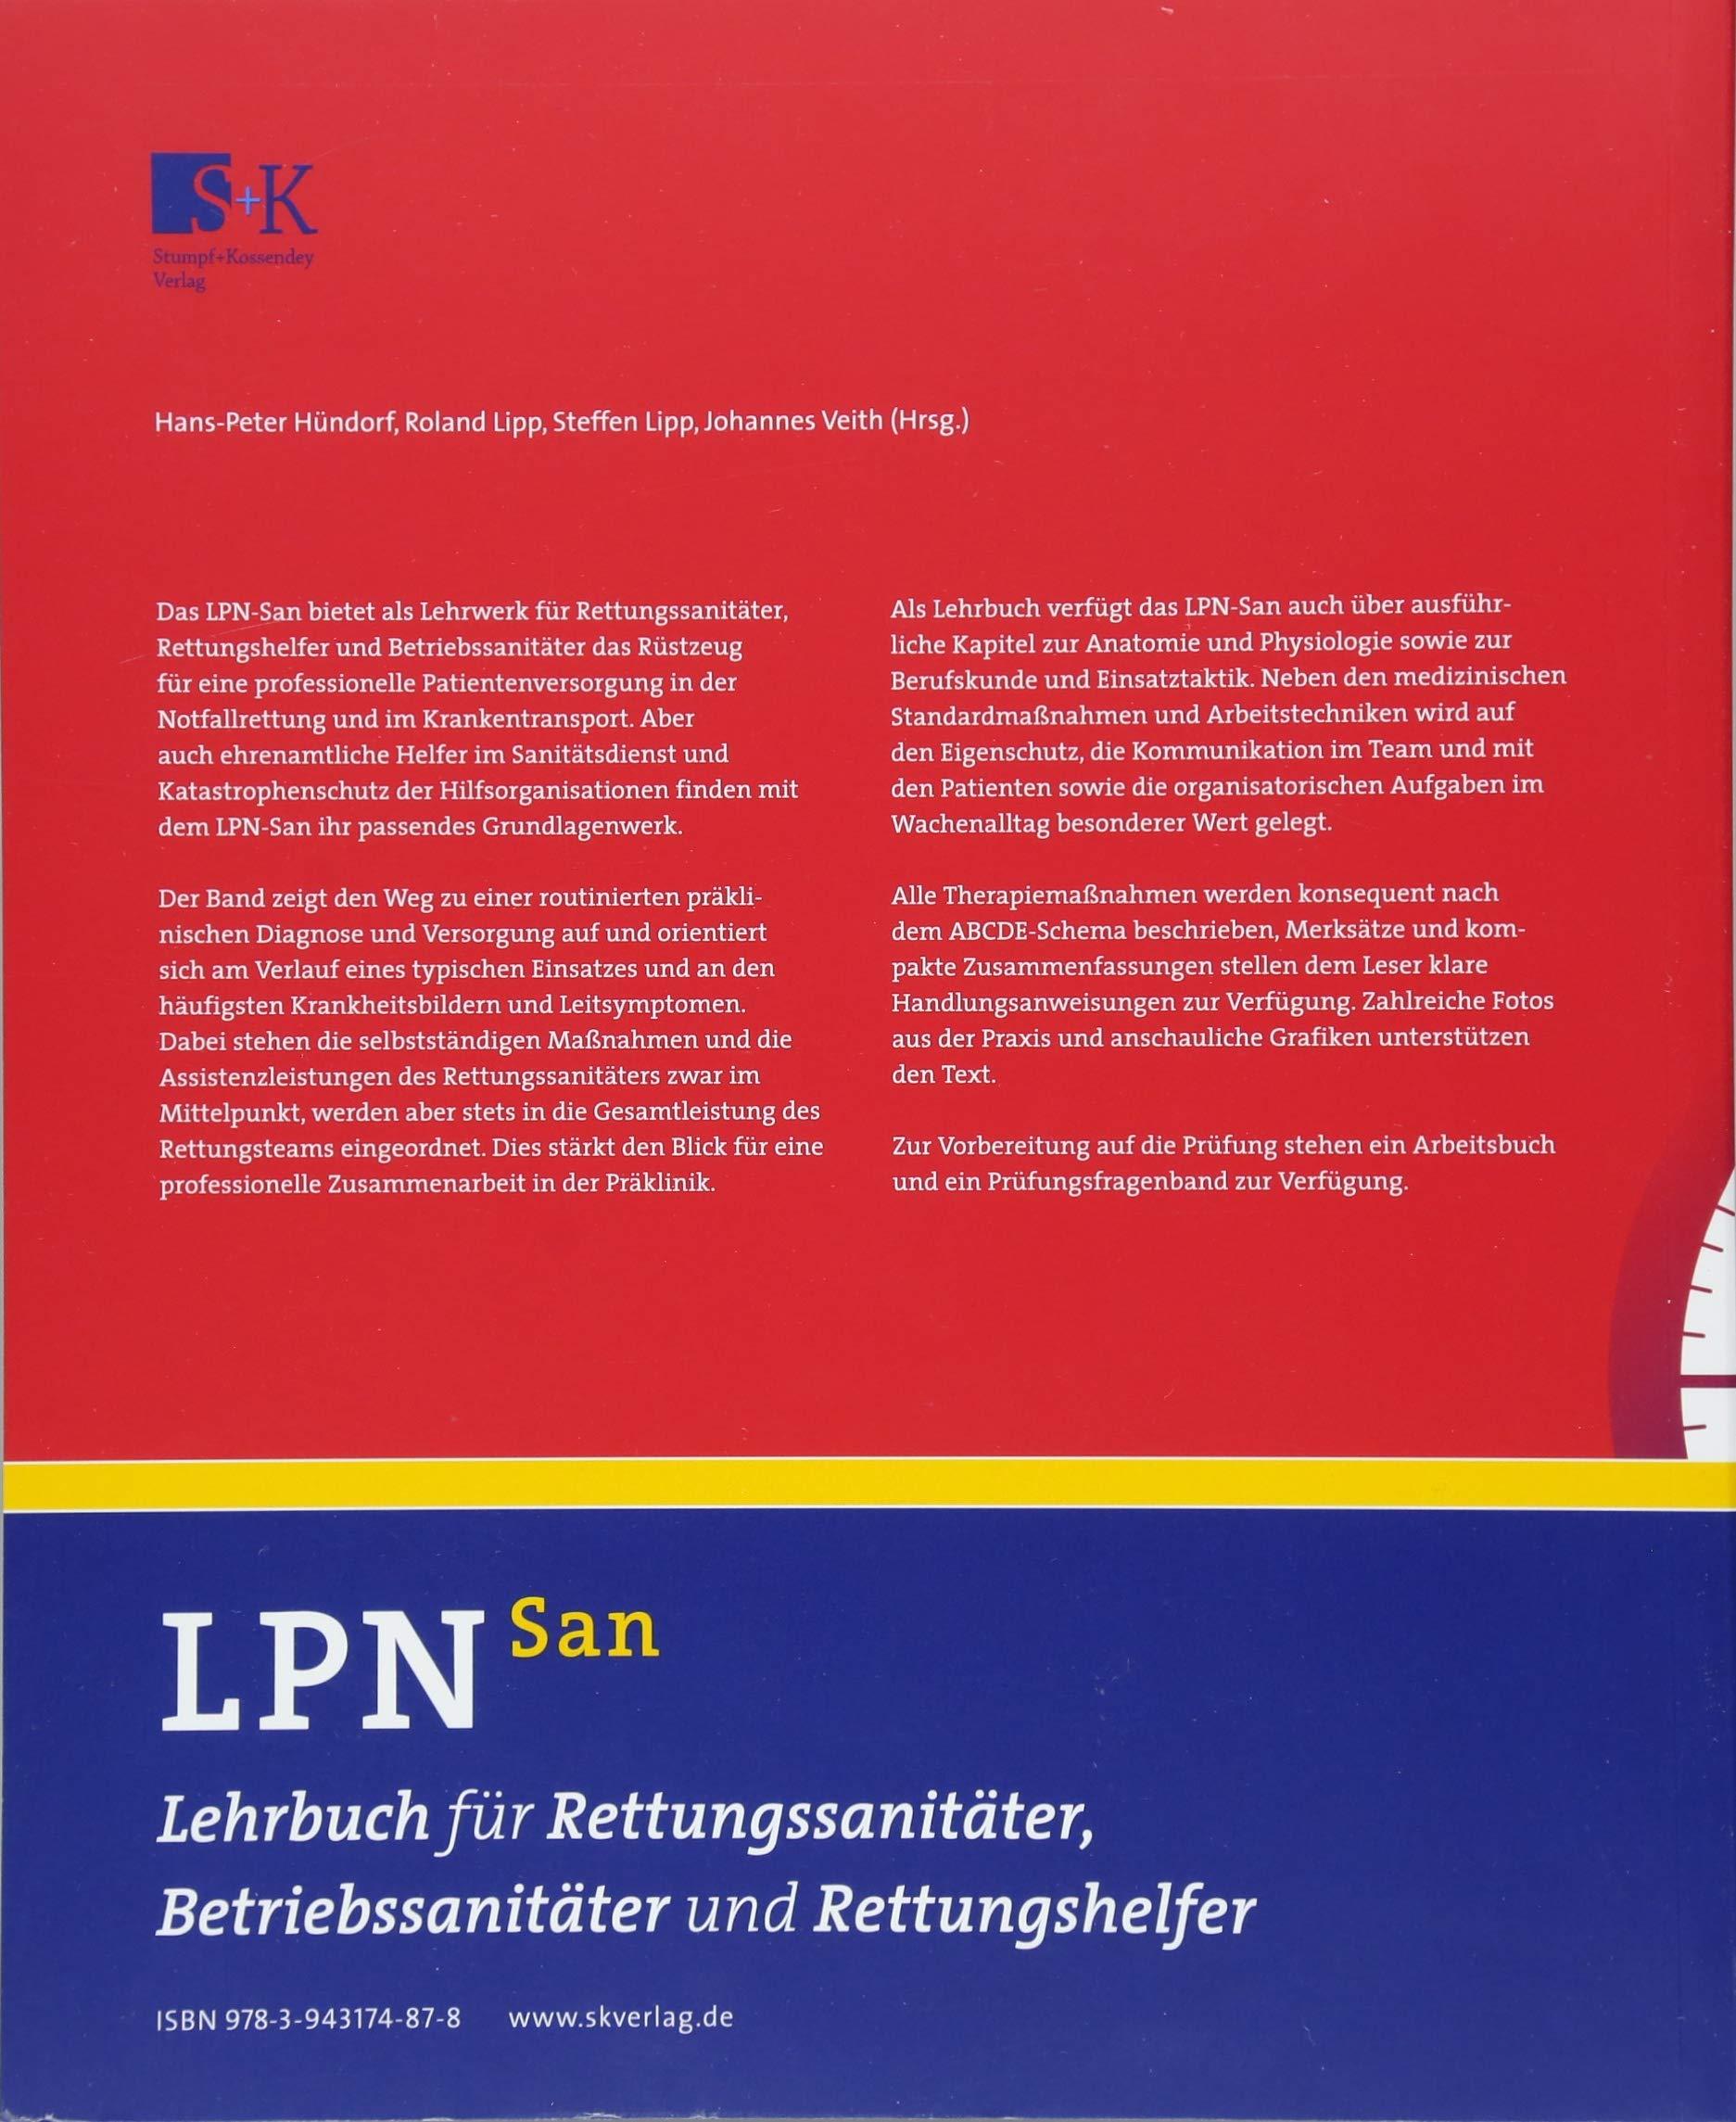 LPN-San: Lehrbuch für Rettungssanitäter, Betriebssanitäter und ...